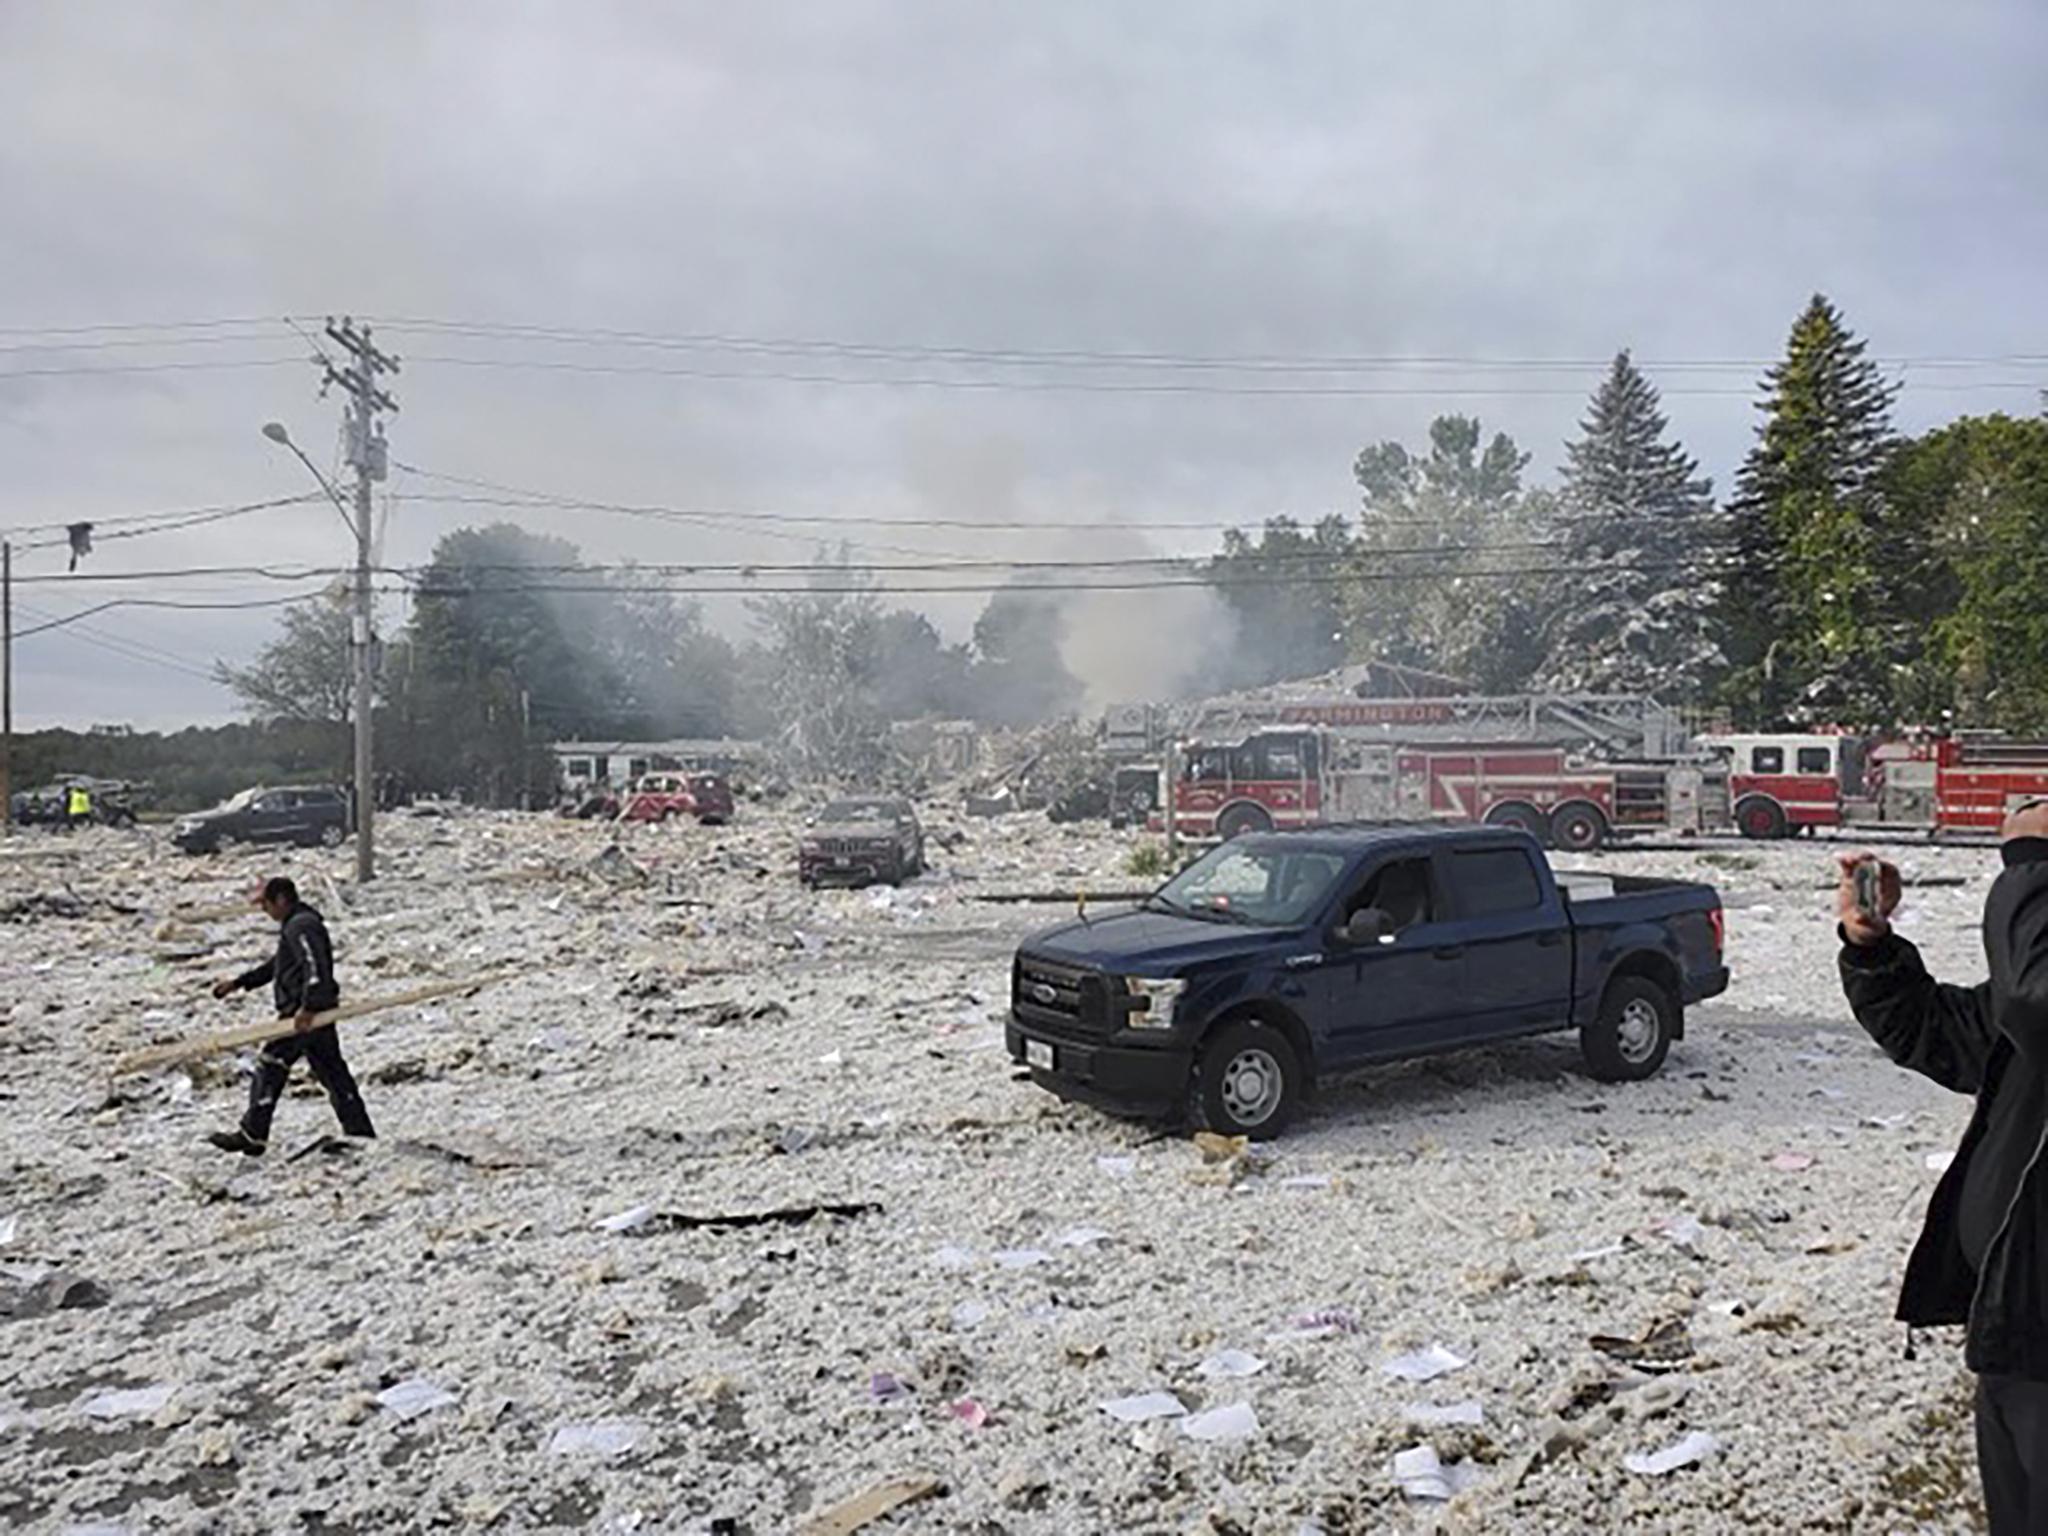 미국 메인주 작은도시 파밍턴에서 16일(현지시간) 오전 가스폭발사고가 발생했다. 폭발로 인해 건물잔해가 거리에 흩어져 있다.[AP=연합뉴스]